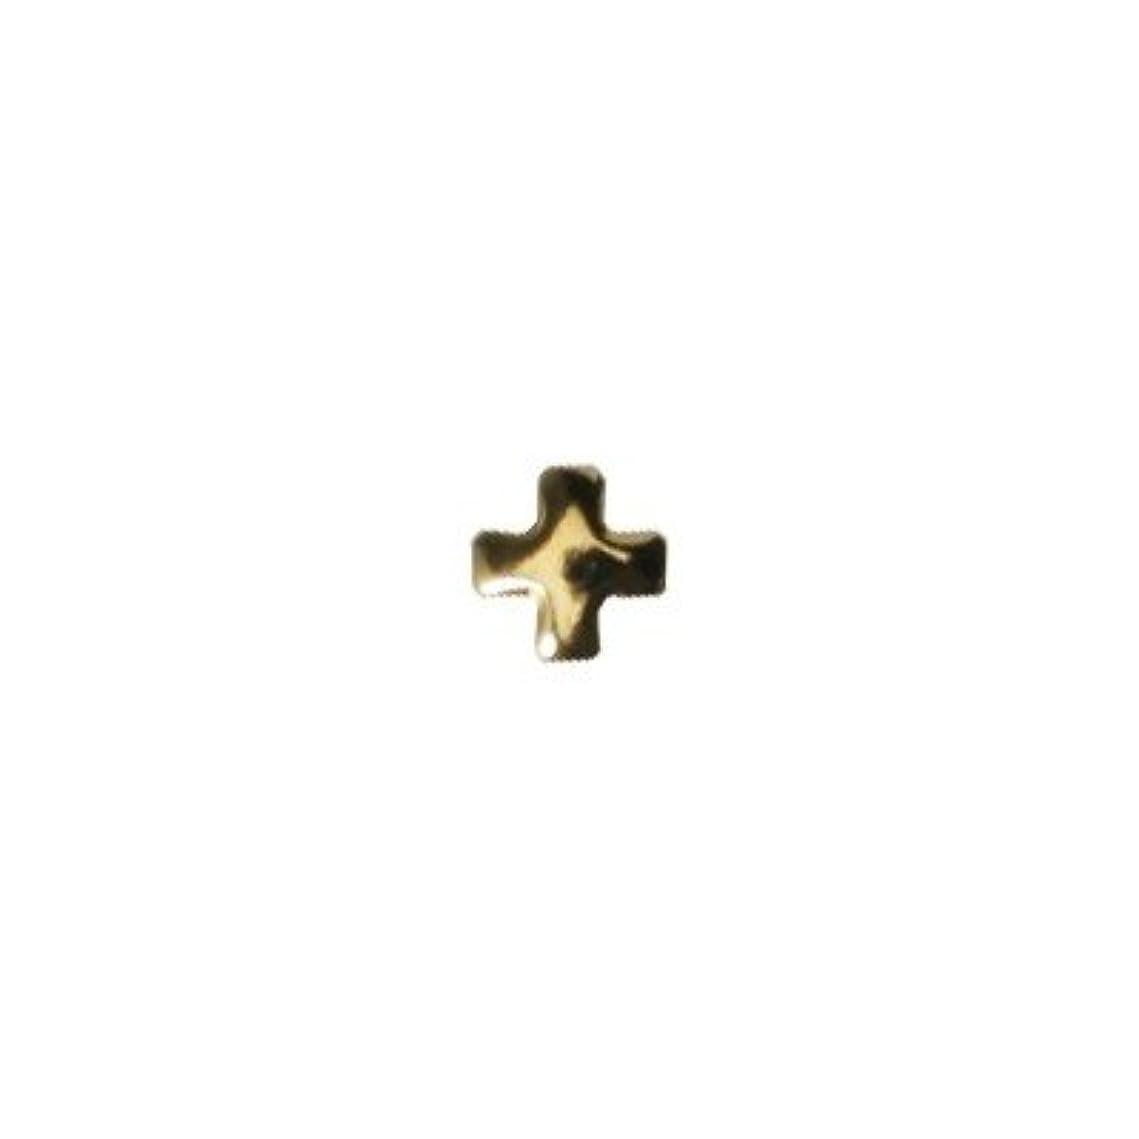 留め金消毒するオーガニックピアドラ スタッズ クロスレット 2mm 50P ゴールド